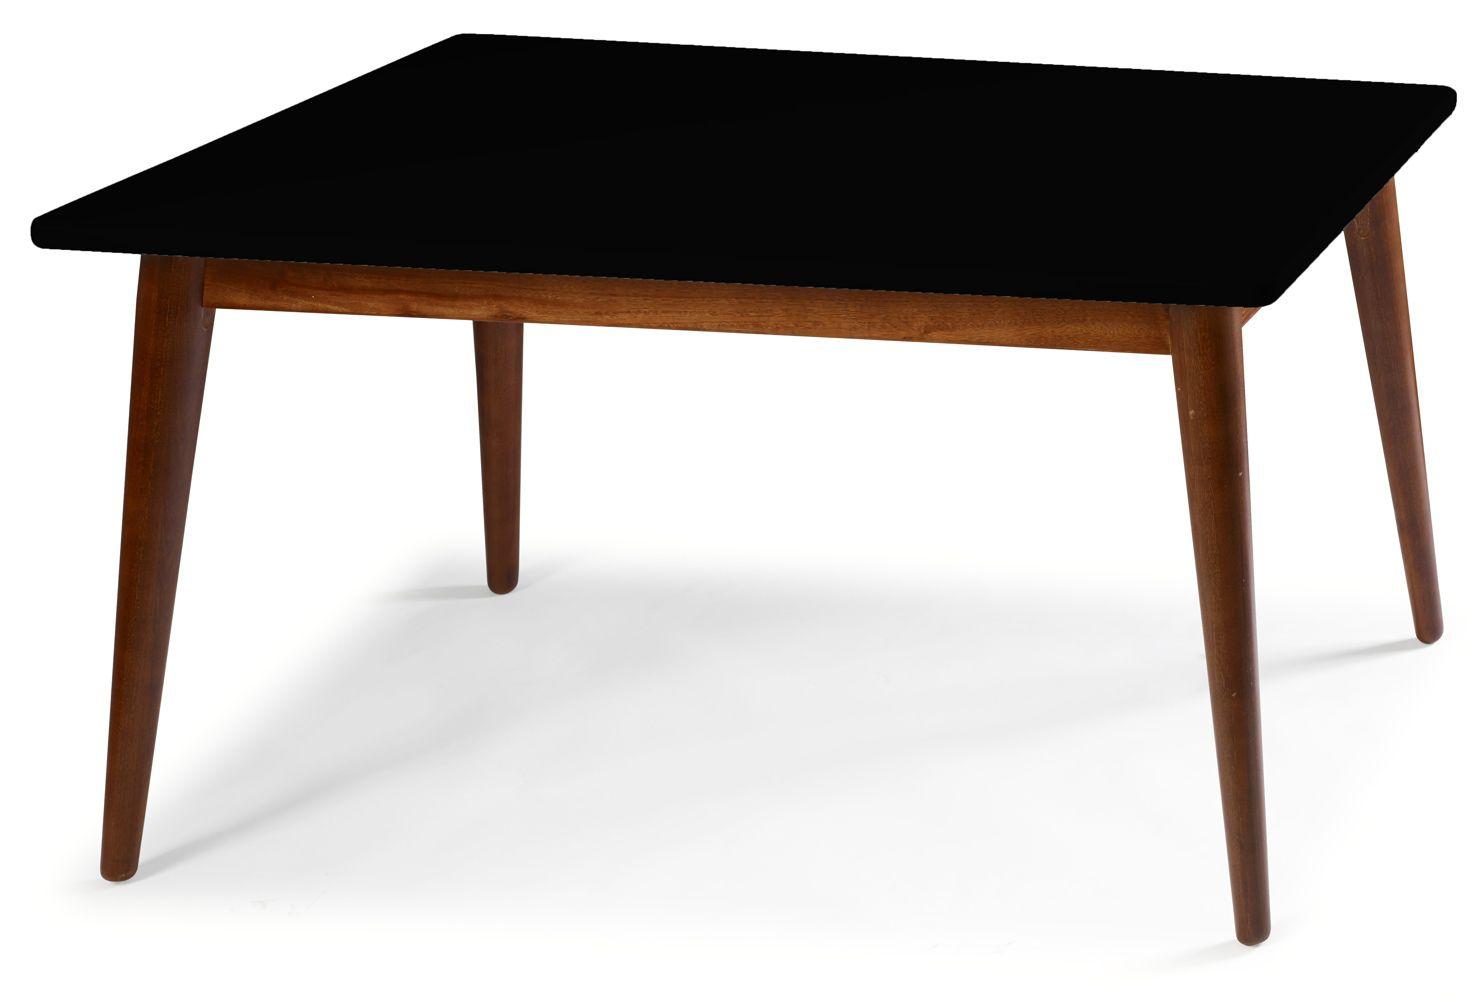 Mesa de Jantar Novita - Tamanho (0,90 x 140cm)